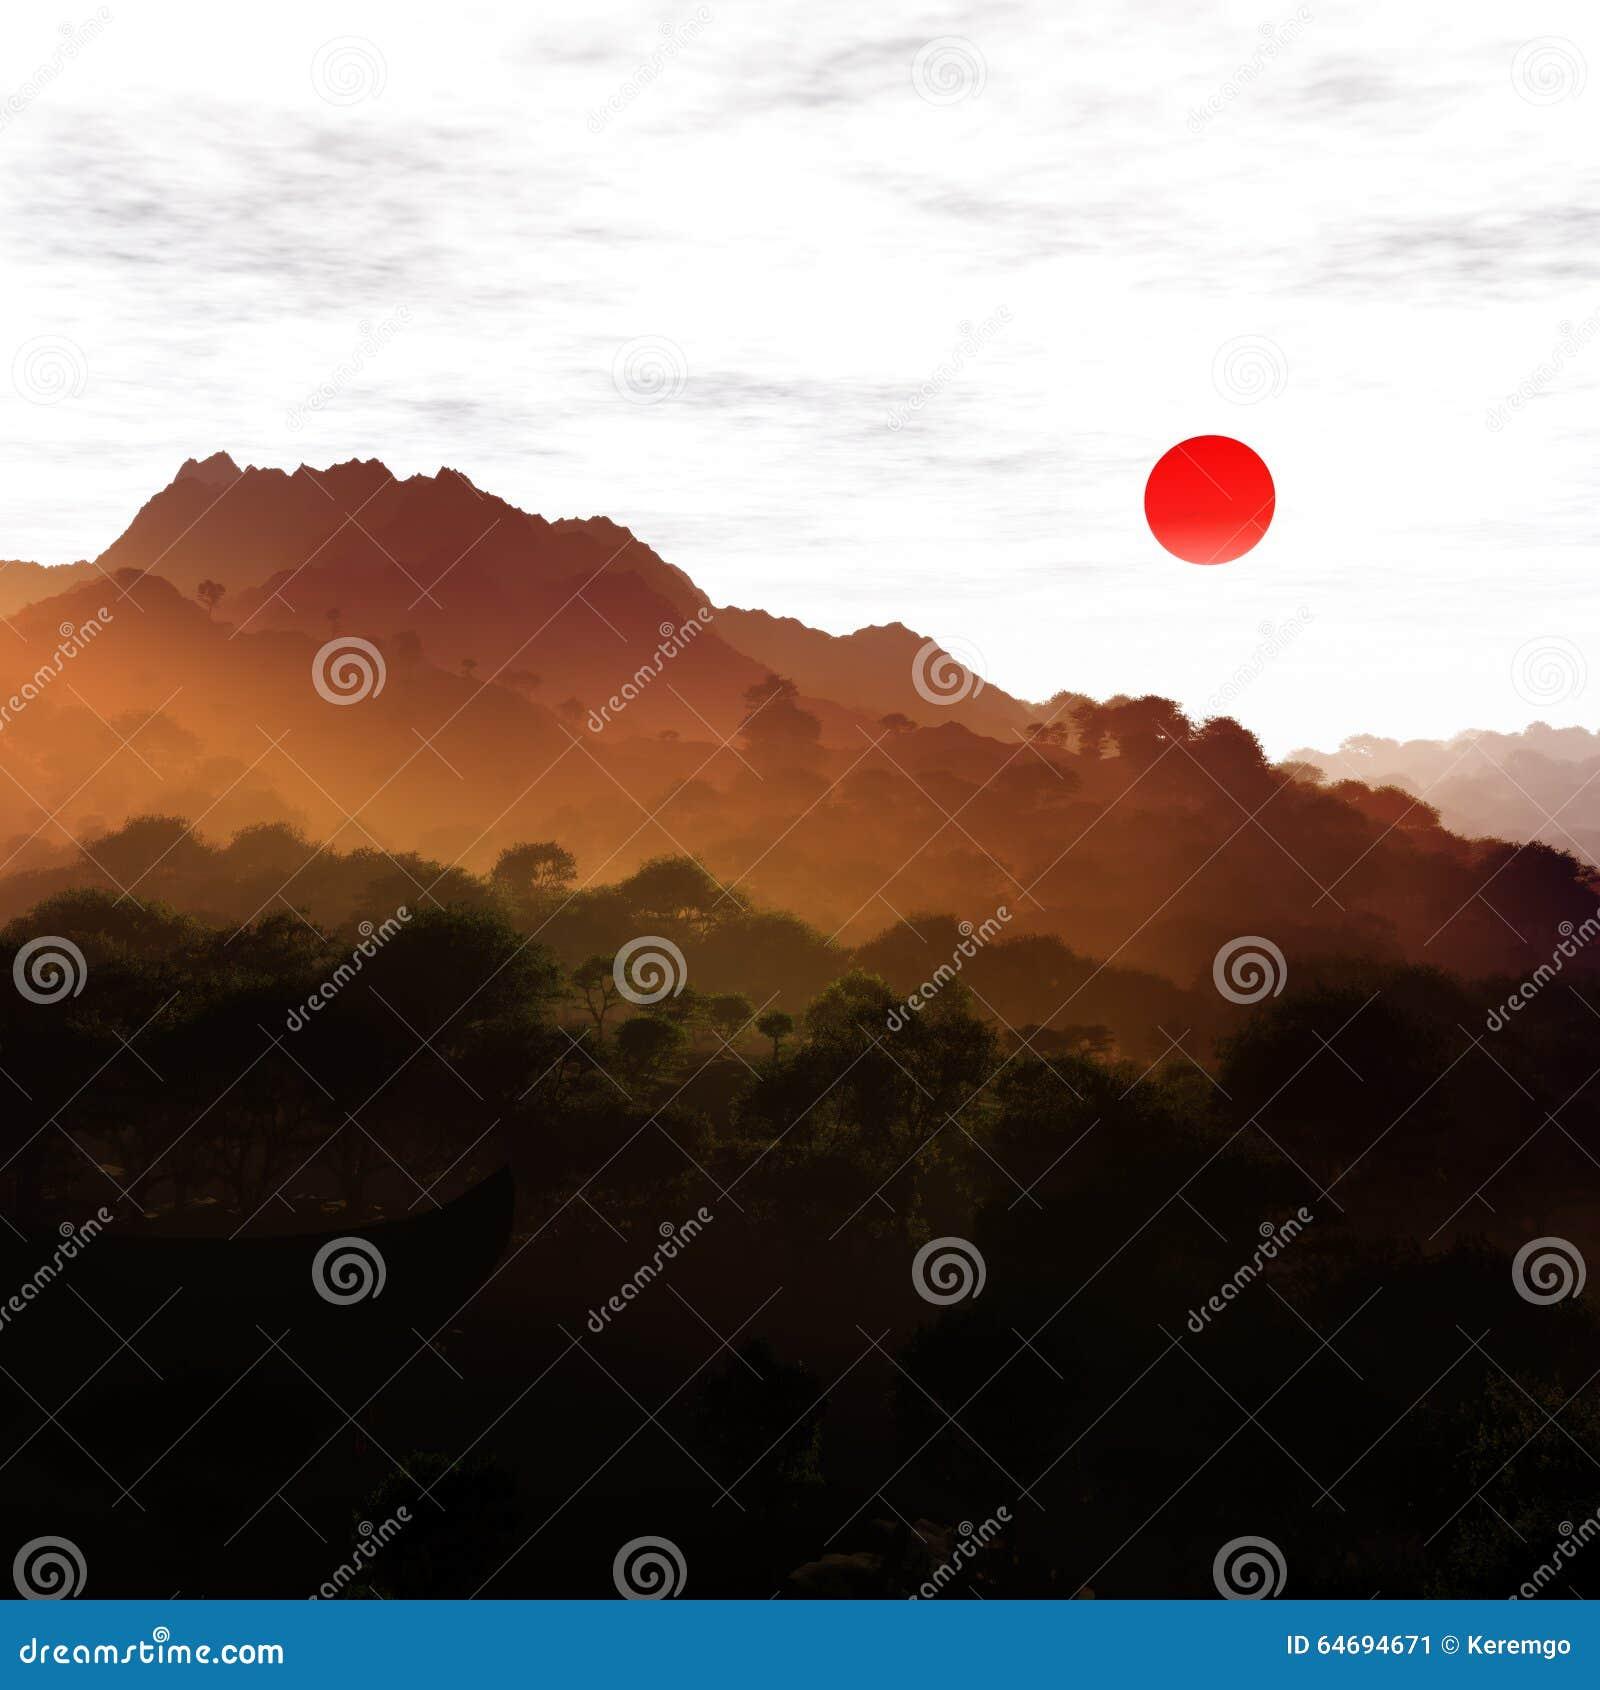 Japan Landscape Illustration